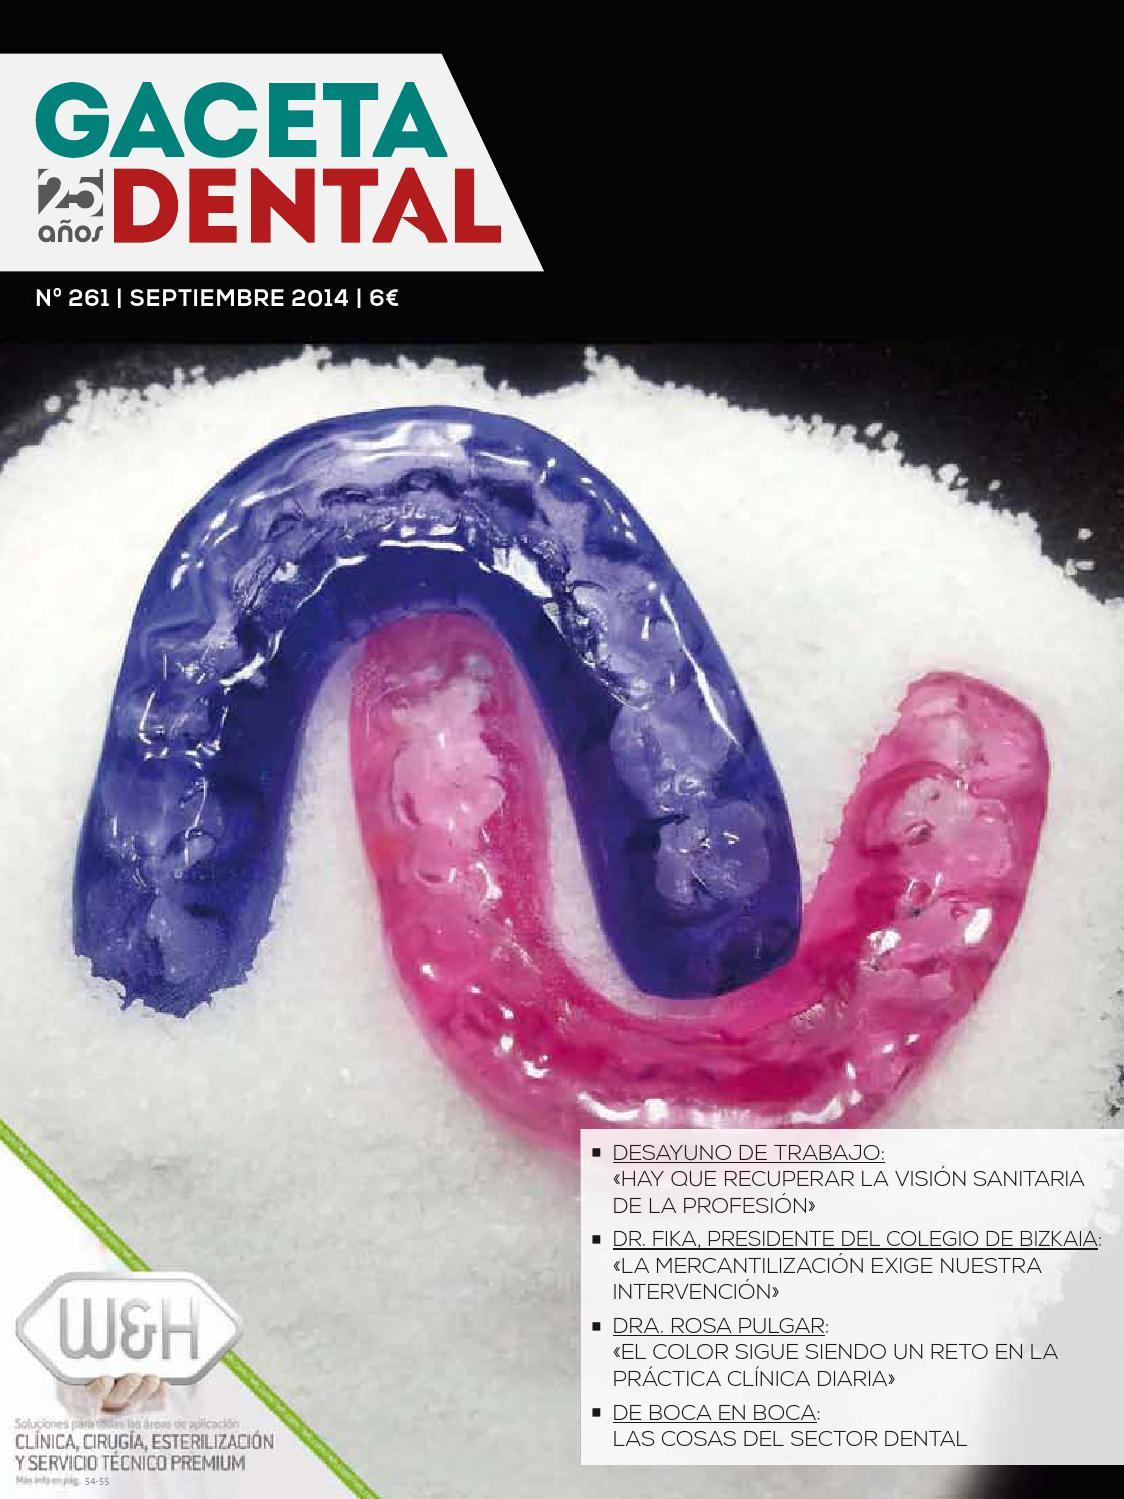 Gaceta Dental - 261 by Peldaño - issuu